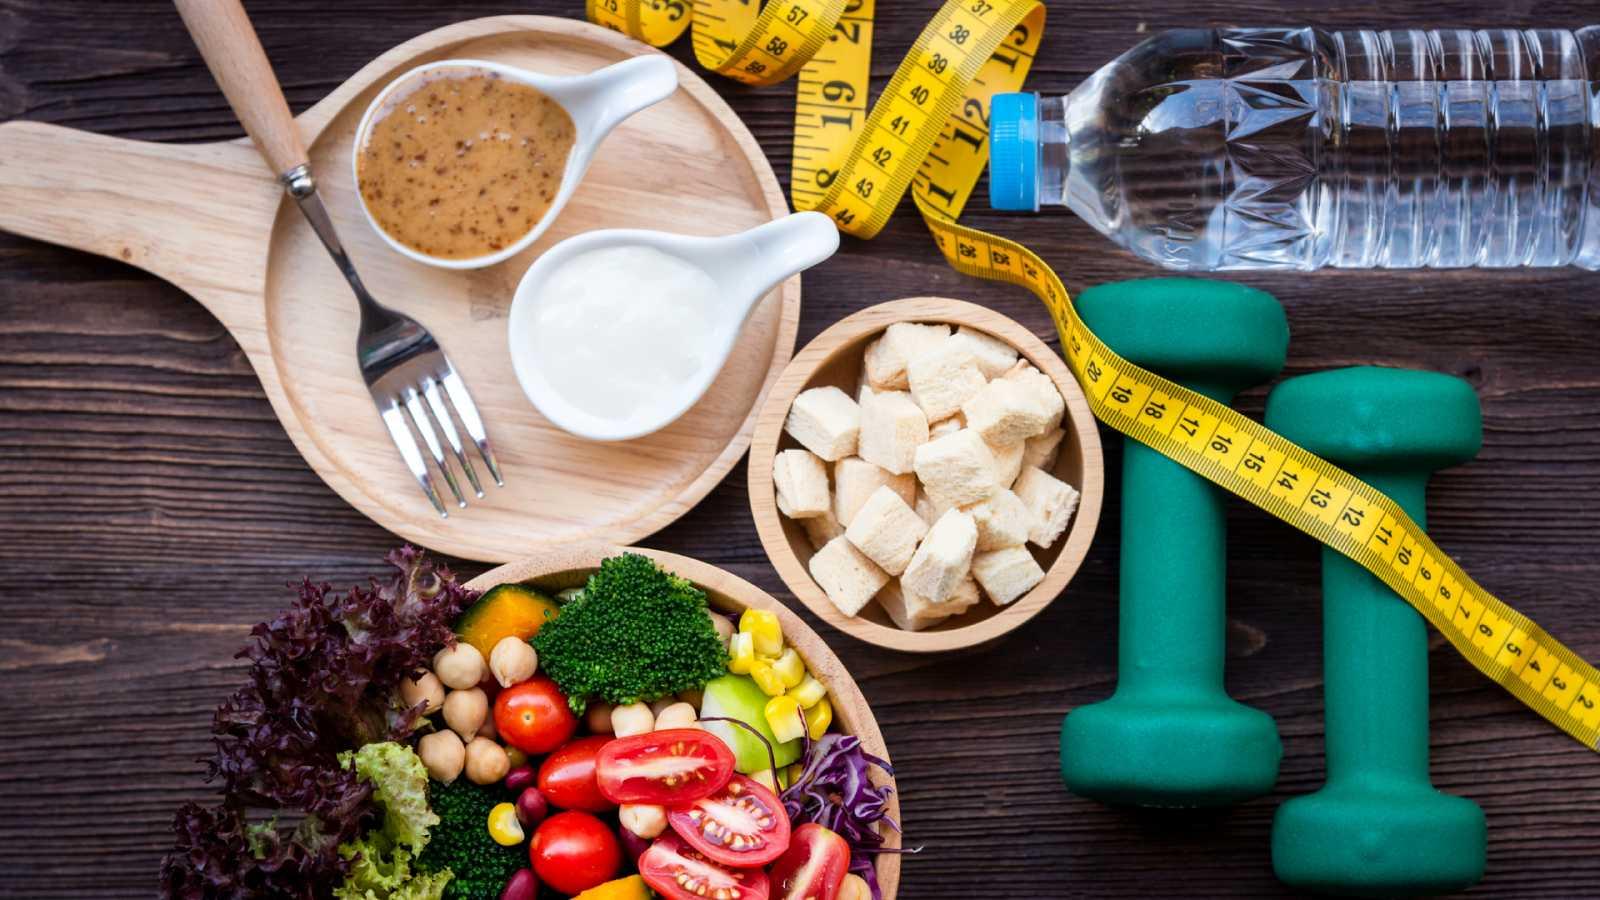 De vuelta - Salud Sapiens - Vivir siempre a dieta - 08/11/2020 - Escuchar ahora